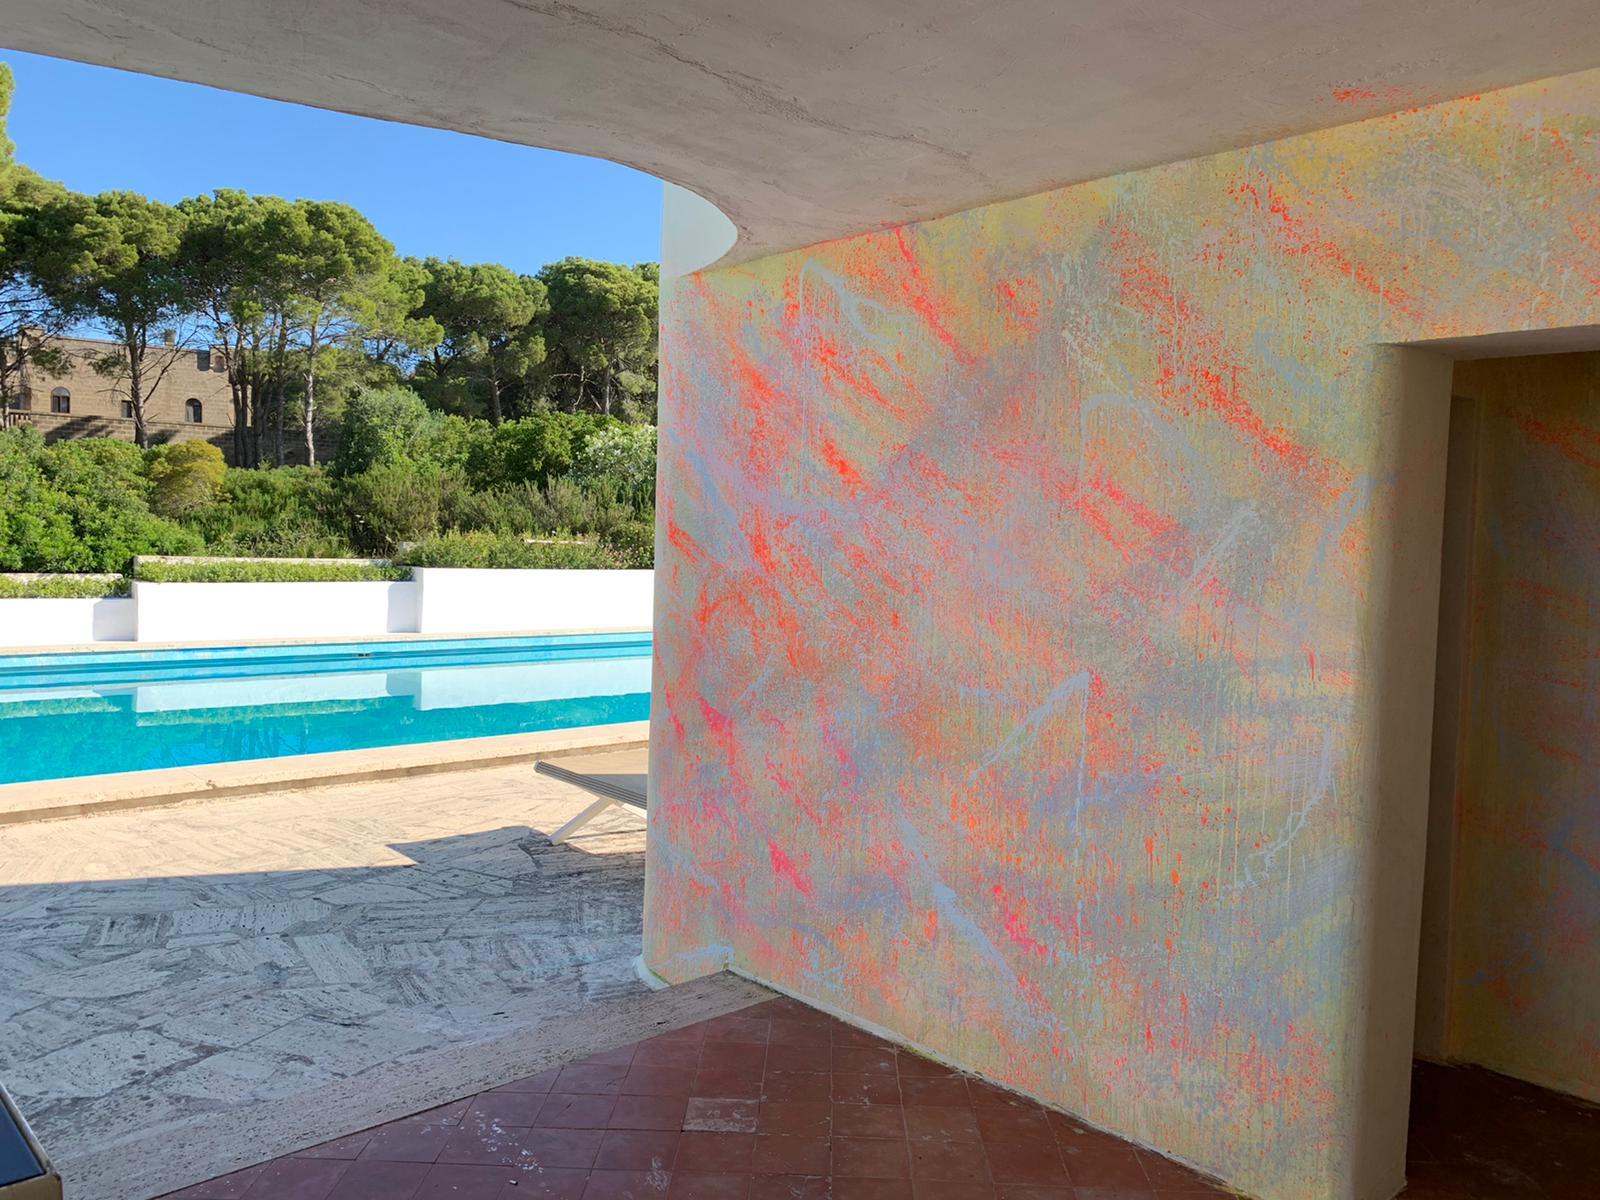 From wall to wall. Il progetto ambientale di Alberto Di Fabio che trasforma lo spazio in un canale mistico